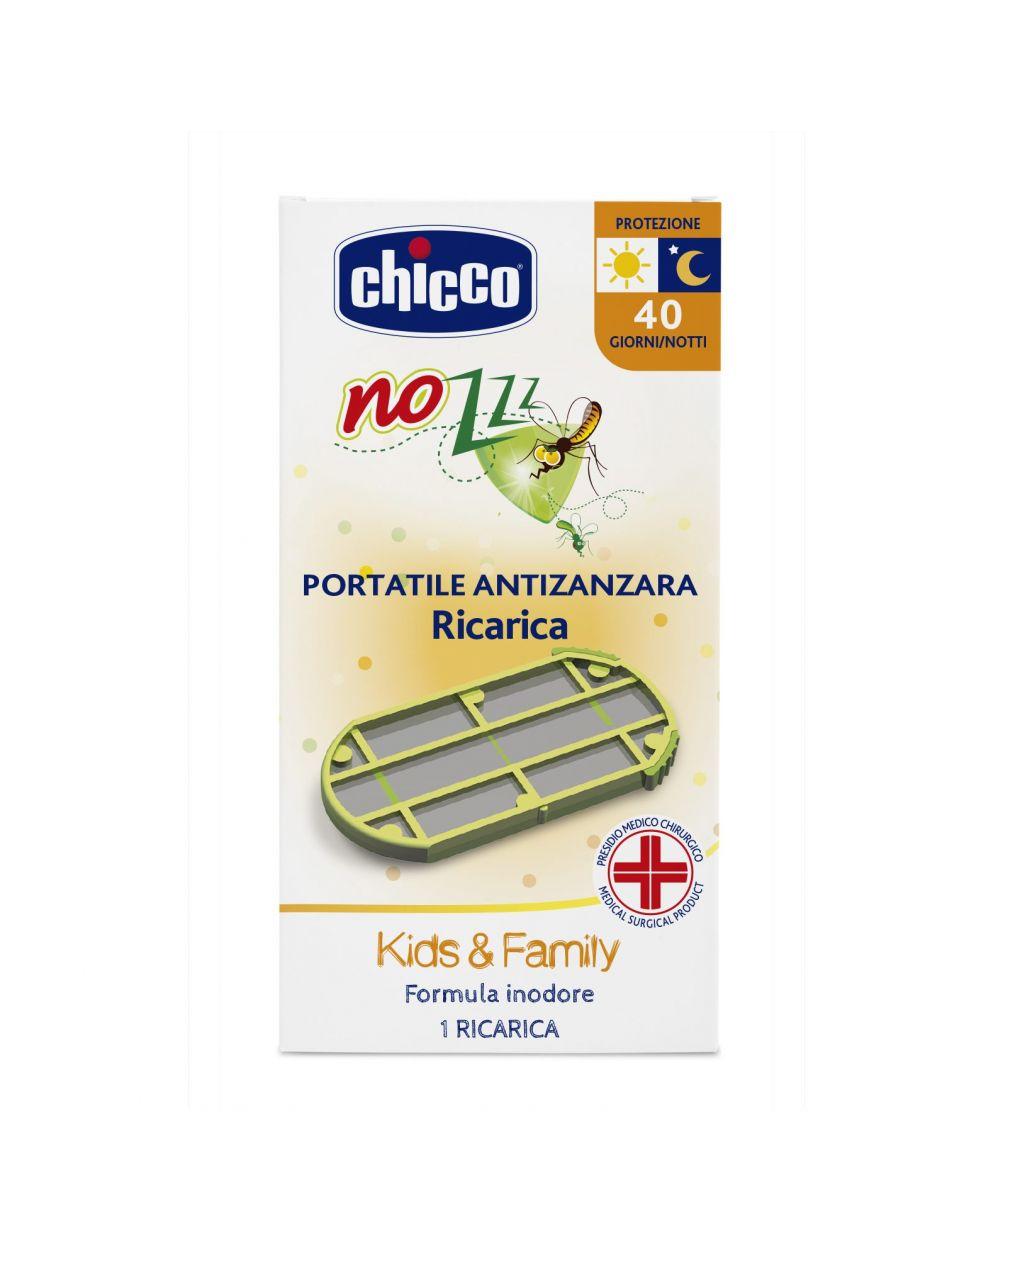 Ricarica per portatile antizanzara - Chicco